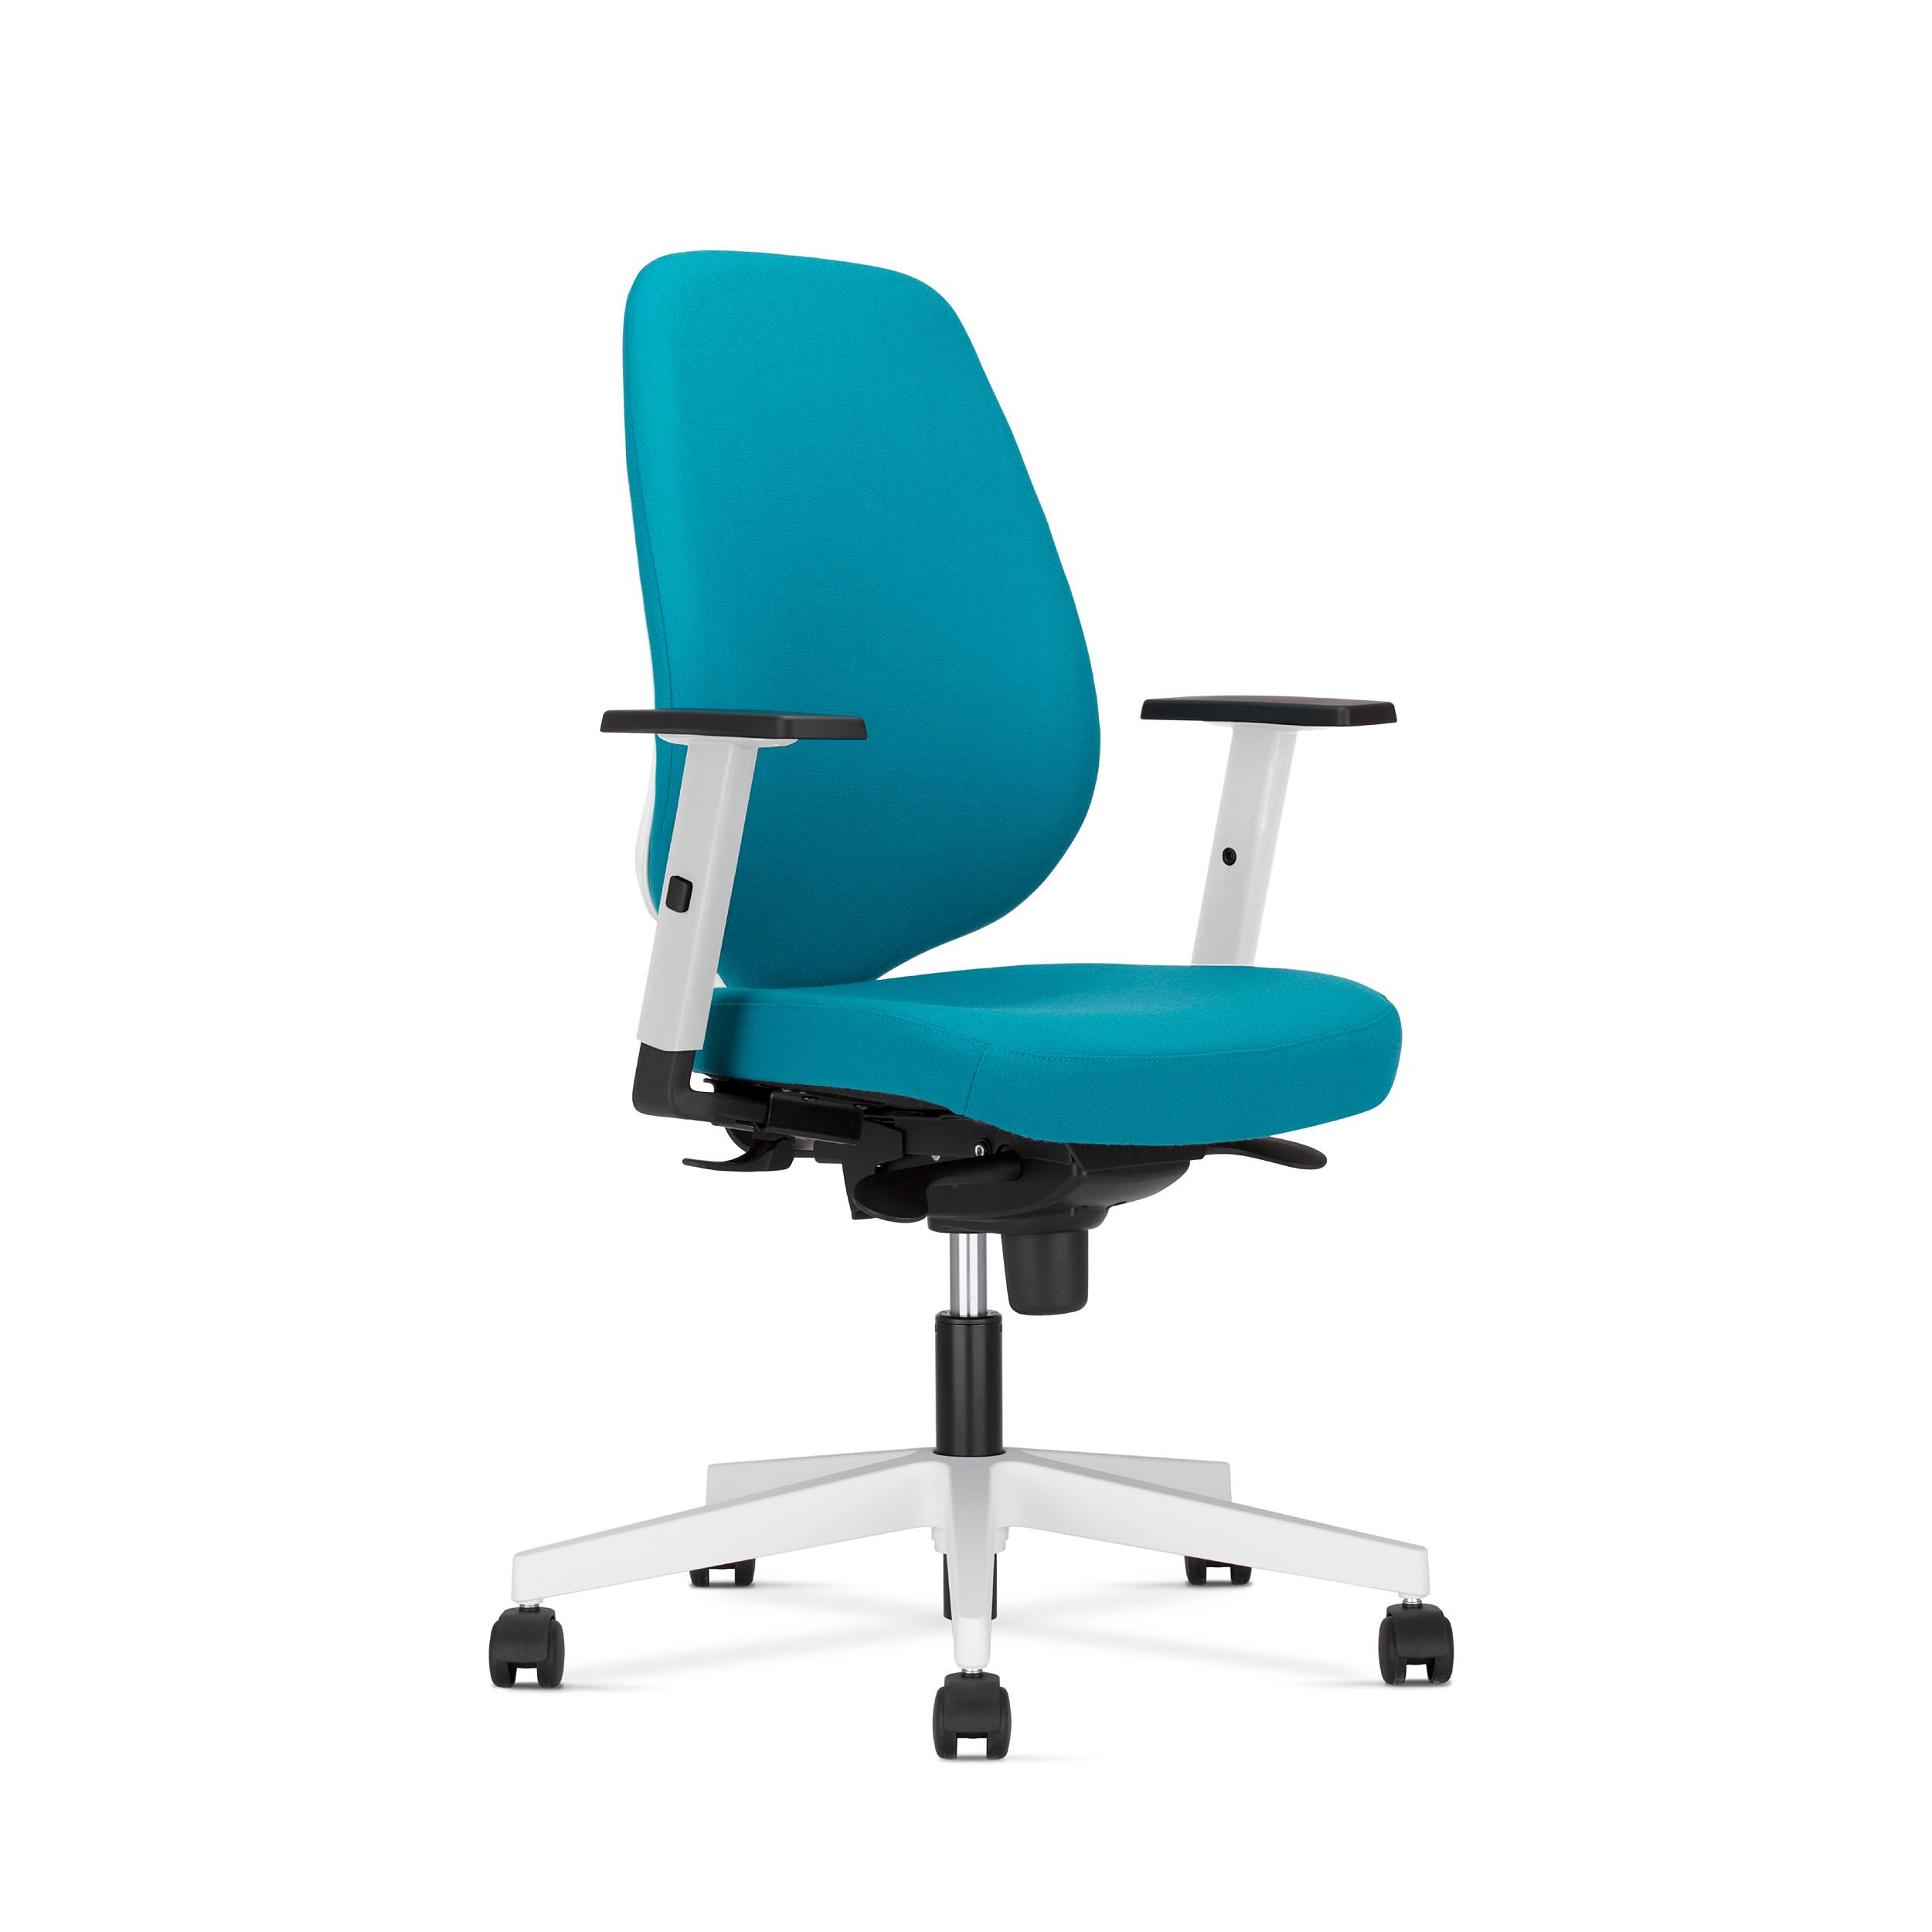 krzesło_Be-All05